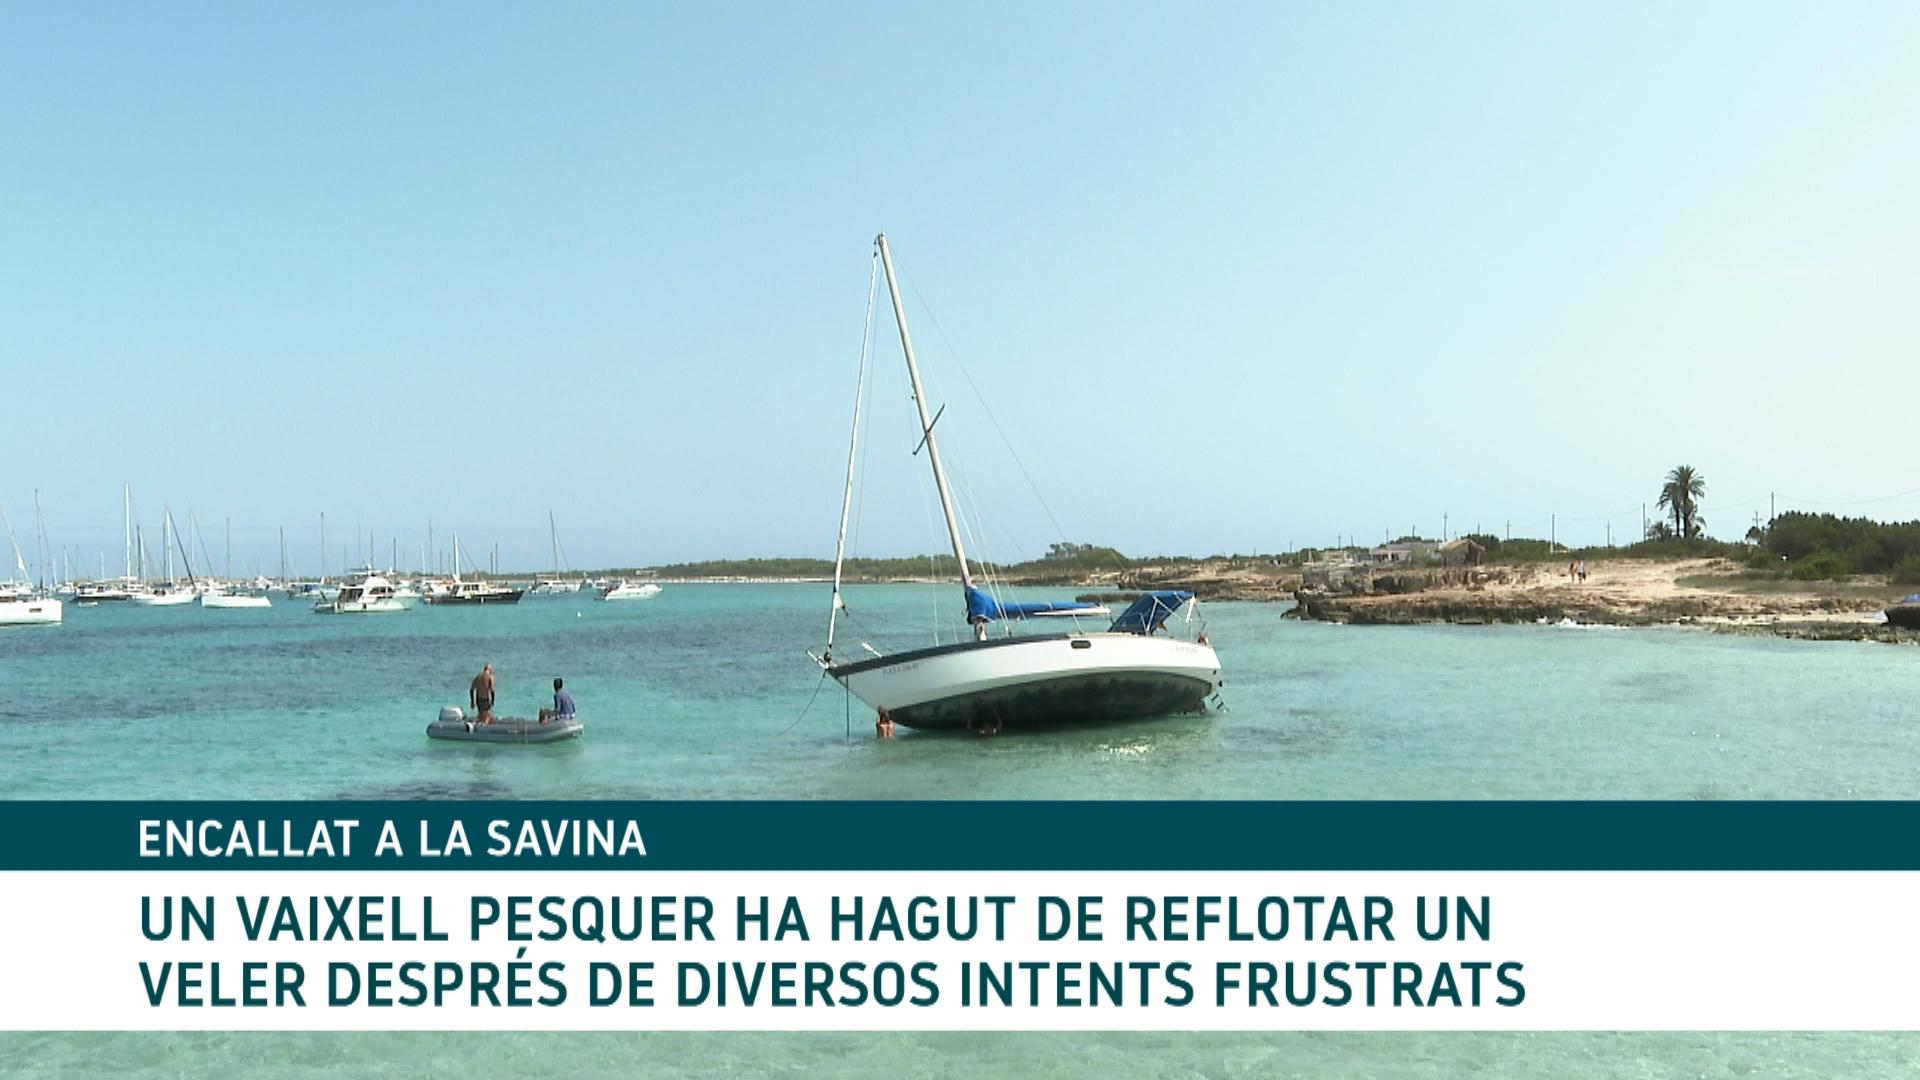 Refloten+un+veler+encallat+a+la+Savina+de+Formentera